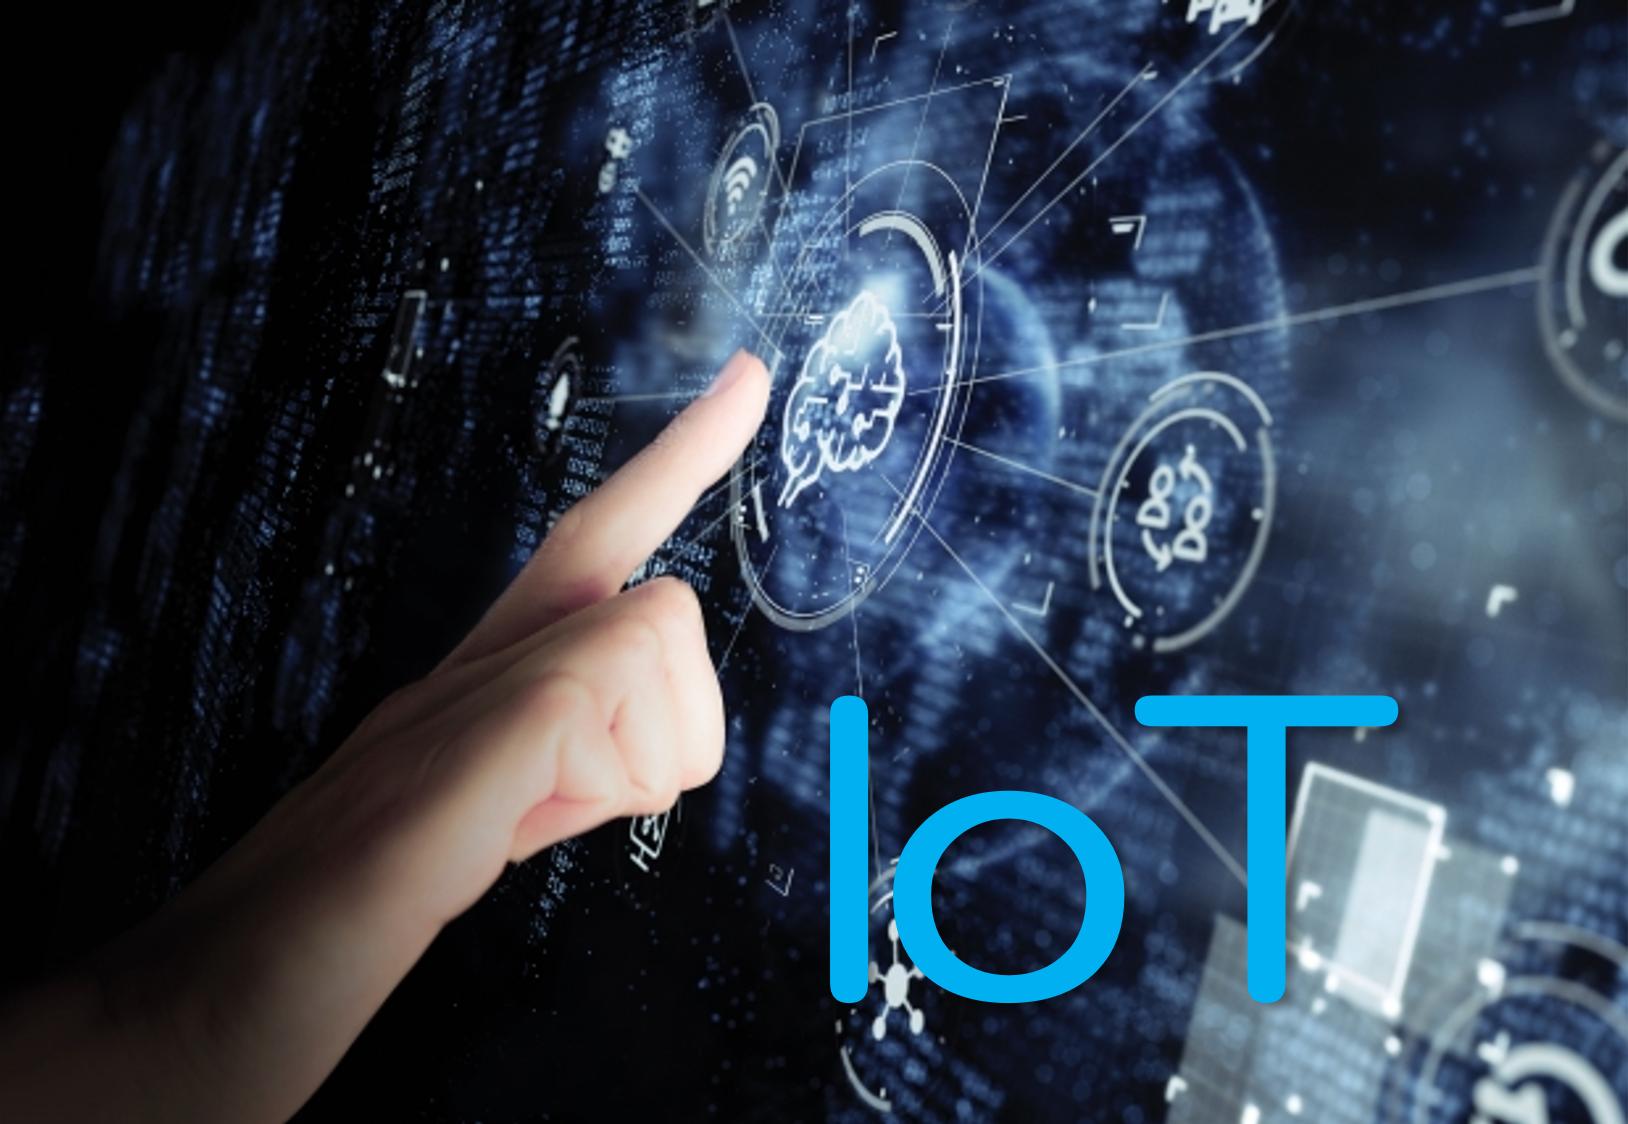 IoT導入ガイド~IoTメリットを教授する前に超えるべき5つのハードルとは?~